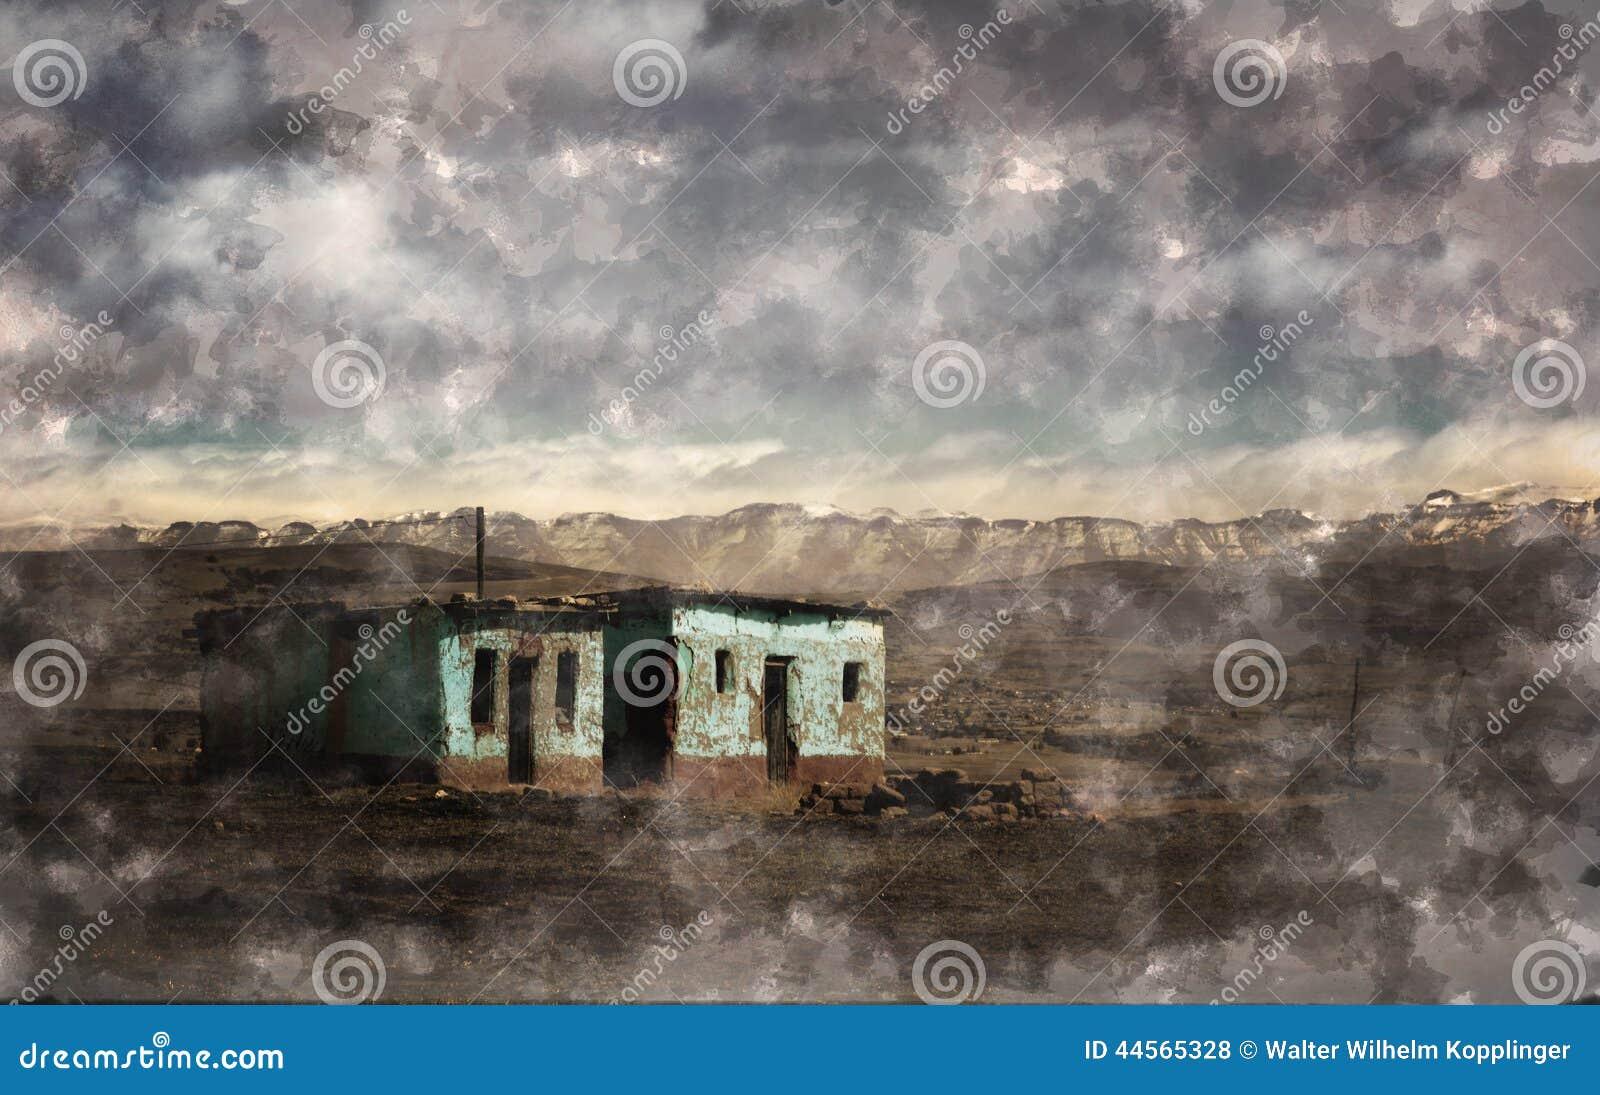 Une illustration dune maison abandonnée sur un paysage isolé avec les montagnes neigeuses à larrière plan